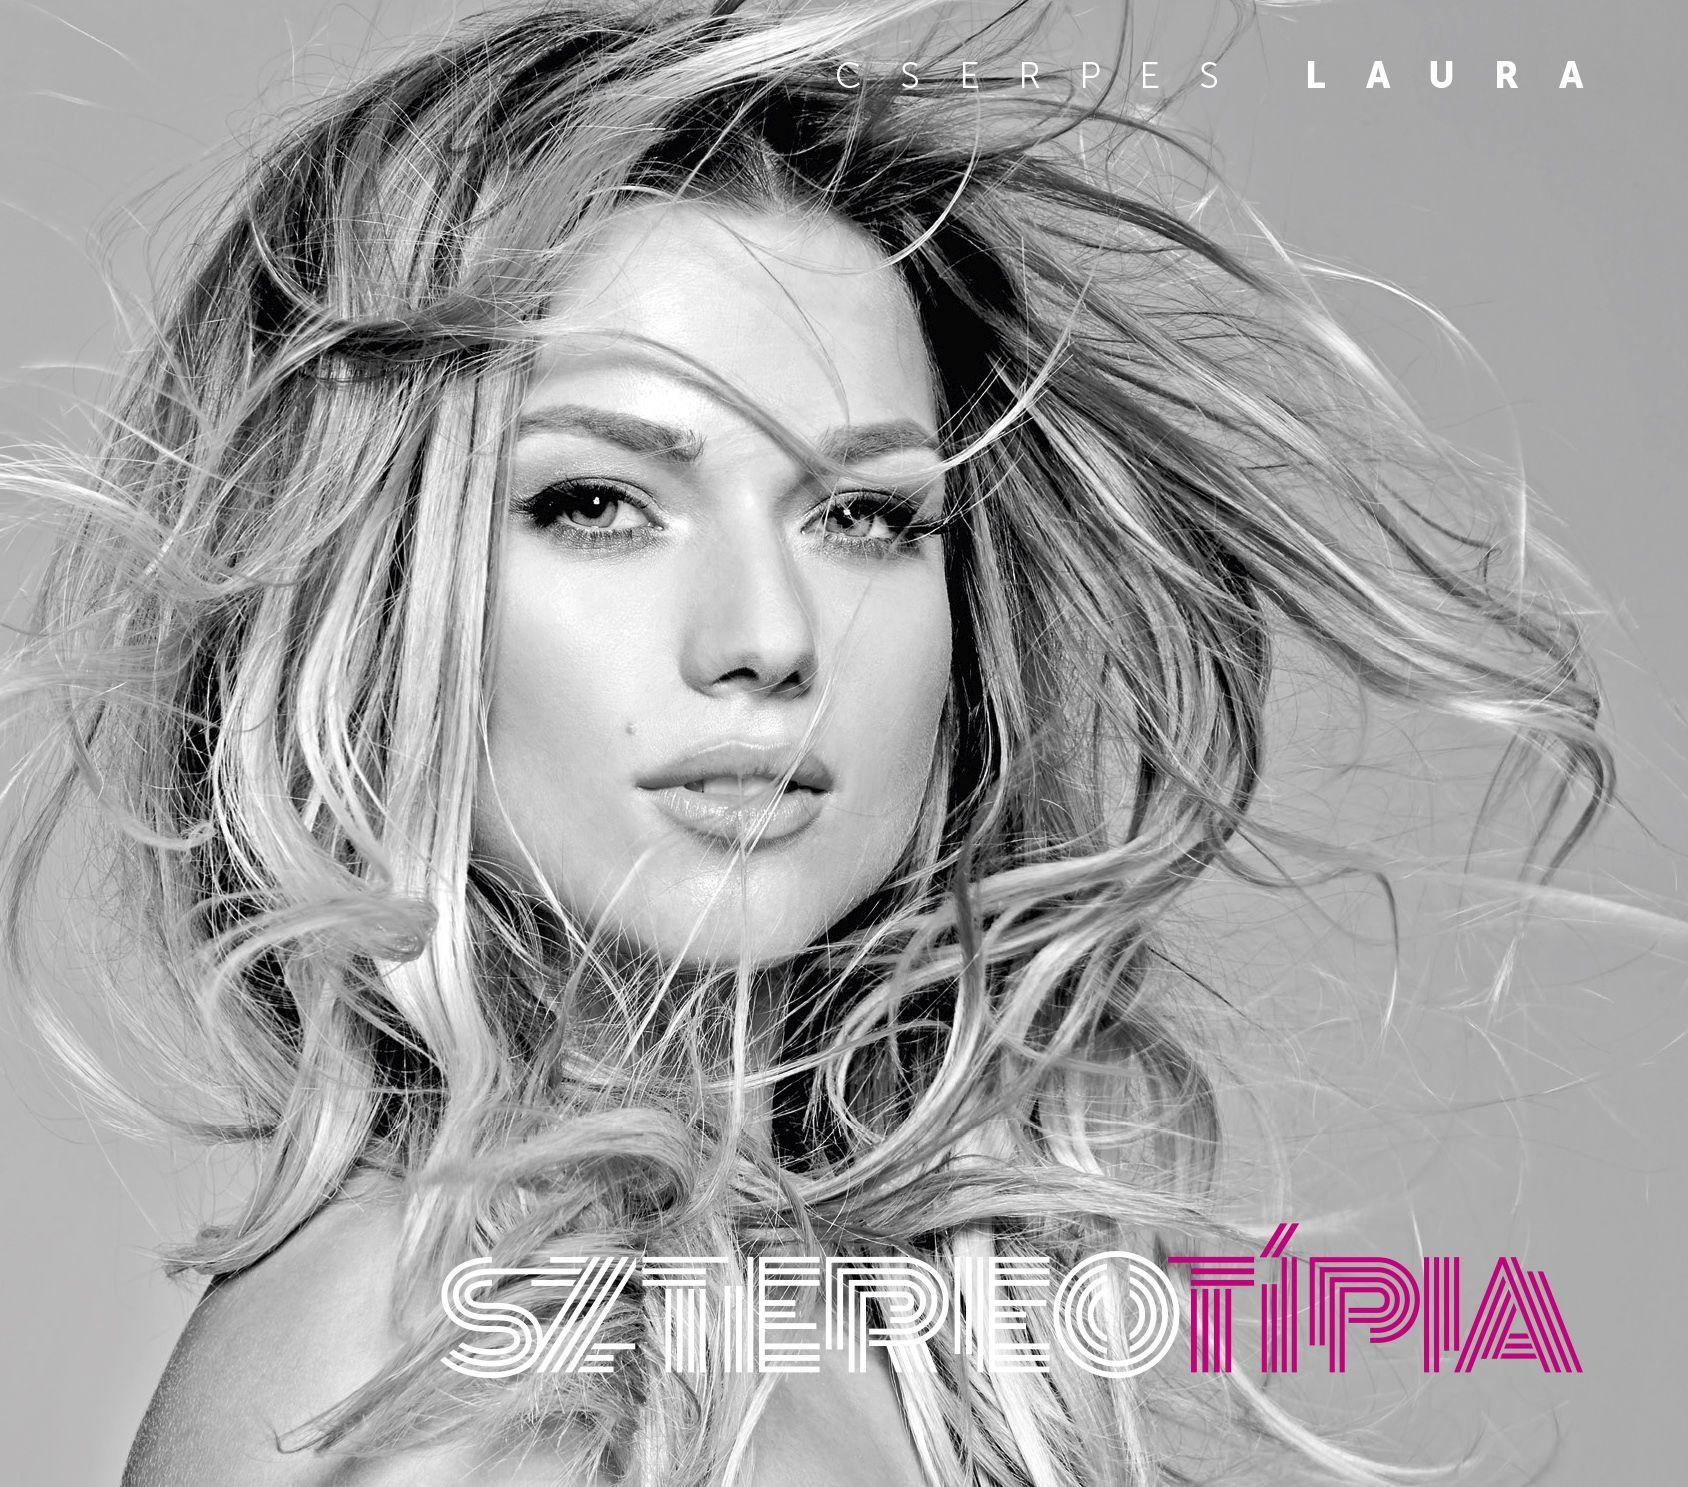 CSERPES LAURA - SZTEREOTÍPIA - CD -